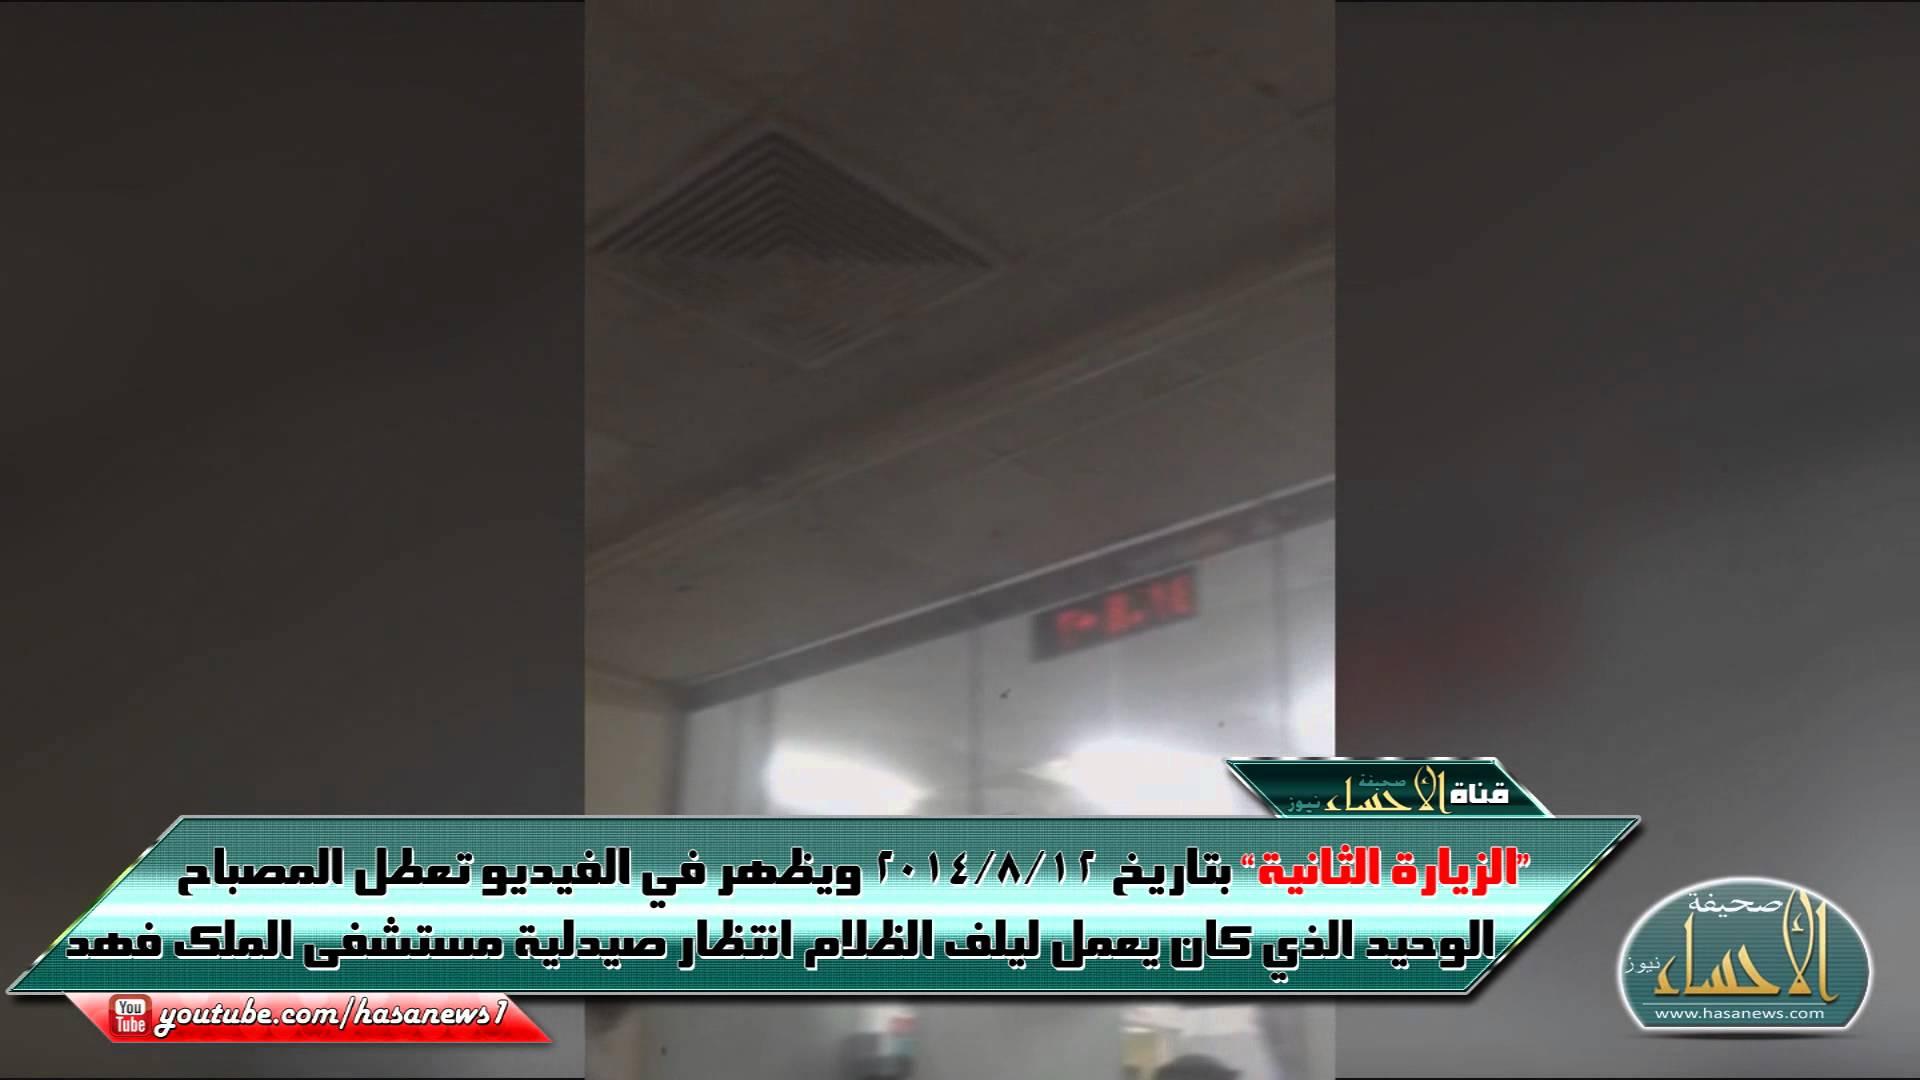 """بالفيديو … صيانة مستشفى """"الملك فهد"""" تثير التساؤل والدهشة"""